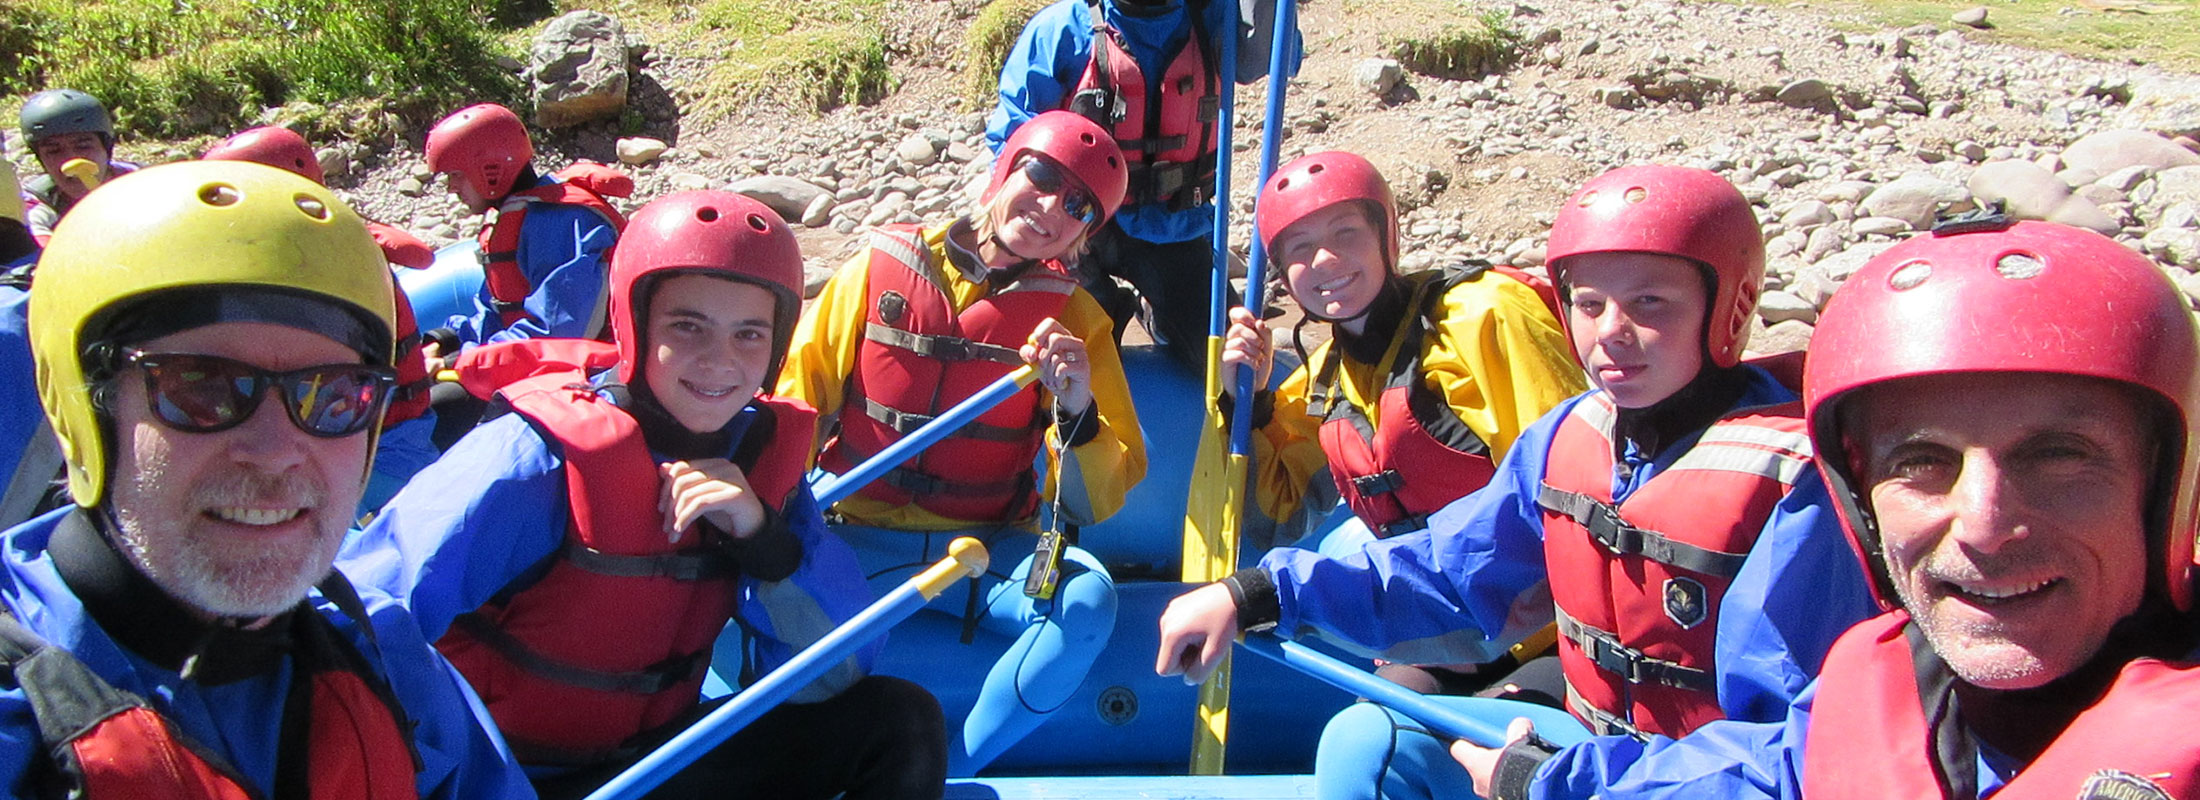 cusco peru rafting (6)